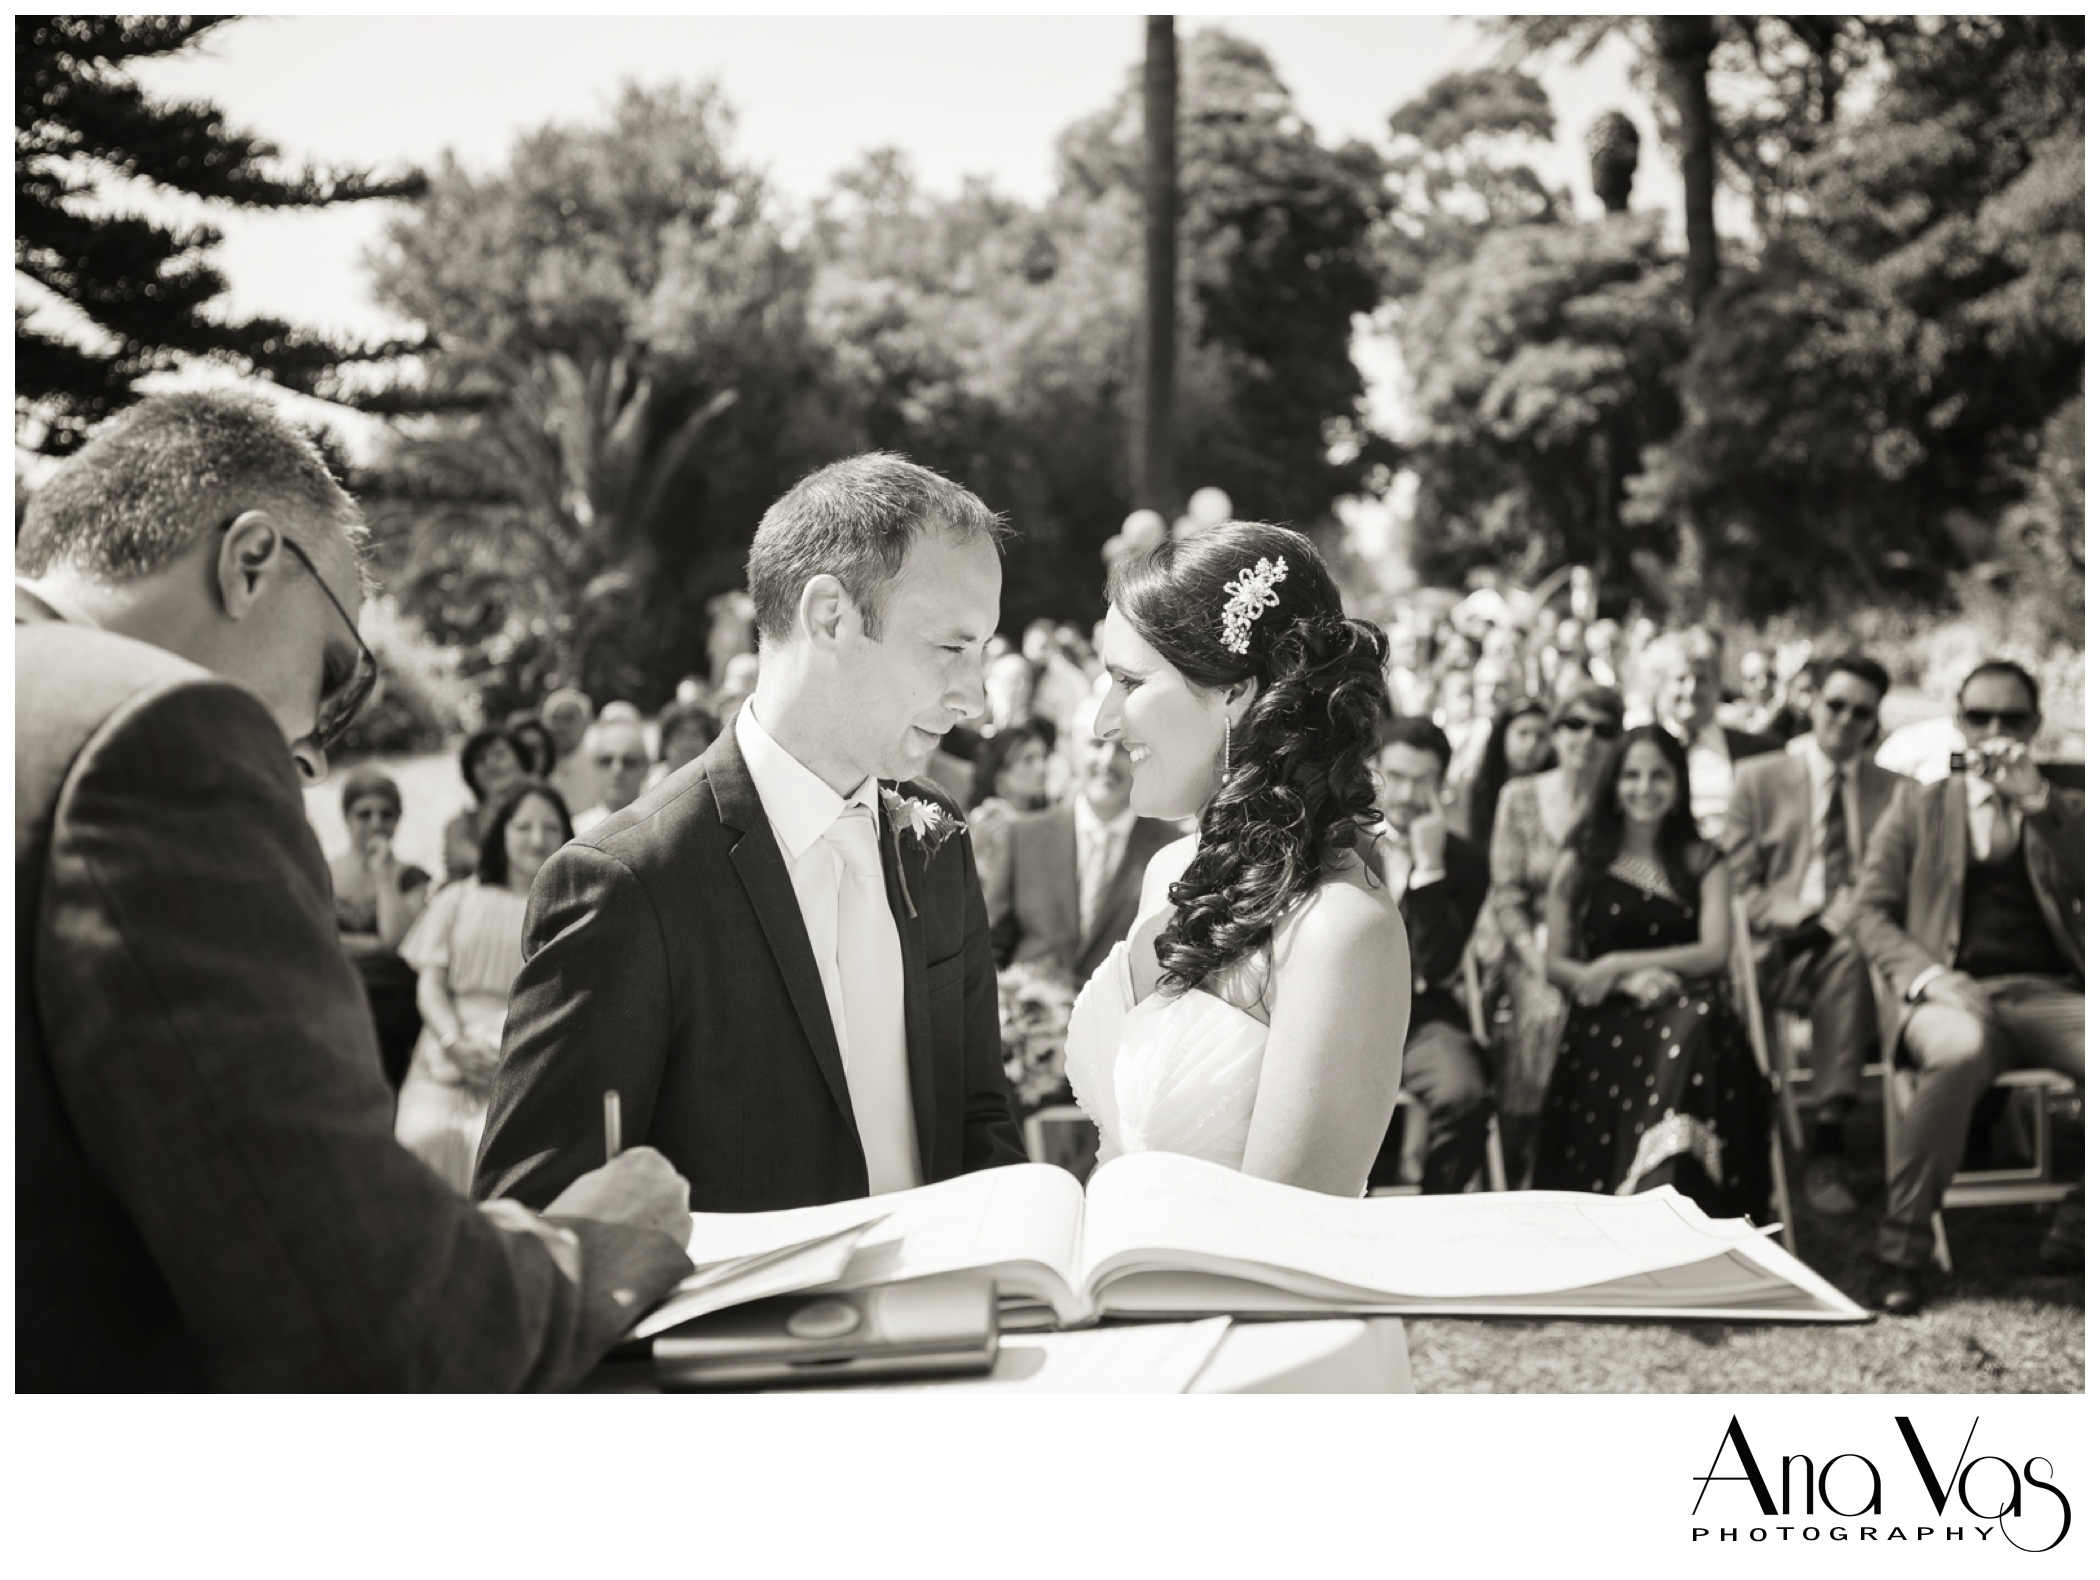 Bride & Groom at outdoor wedding.